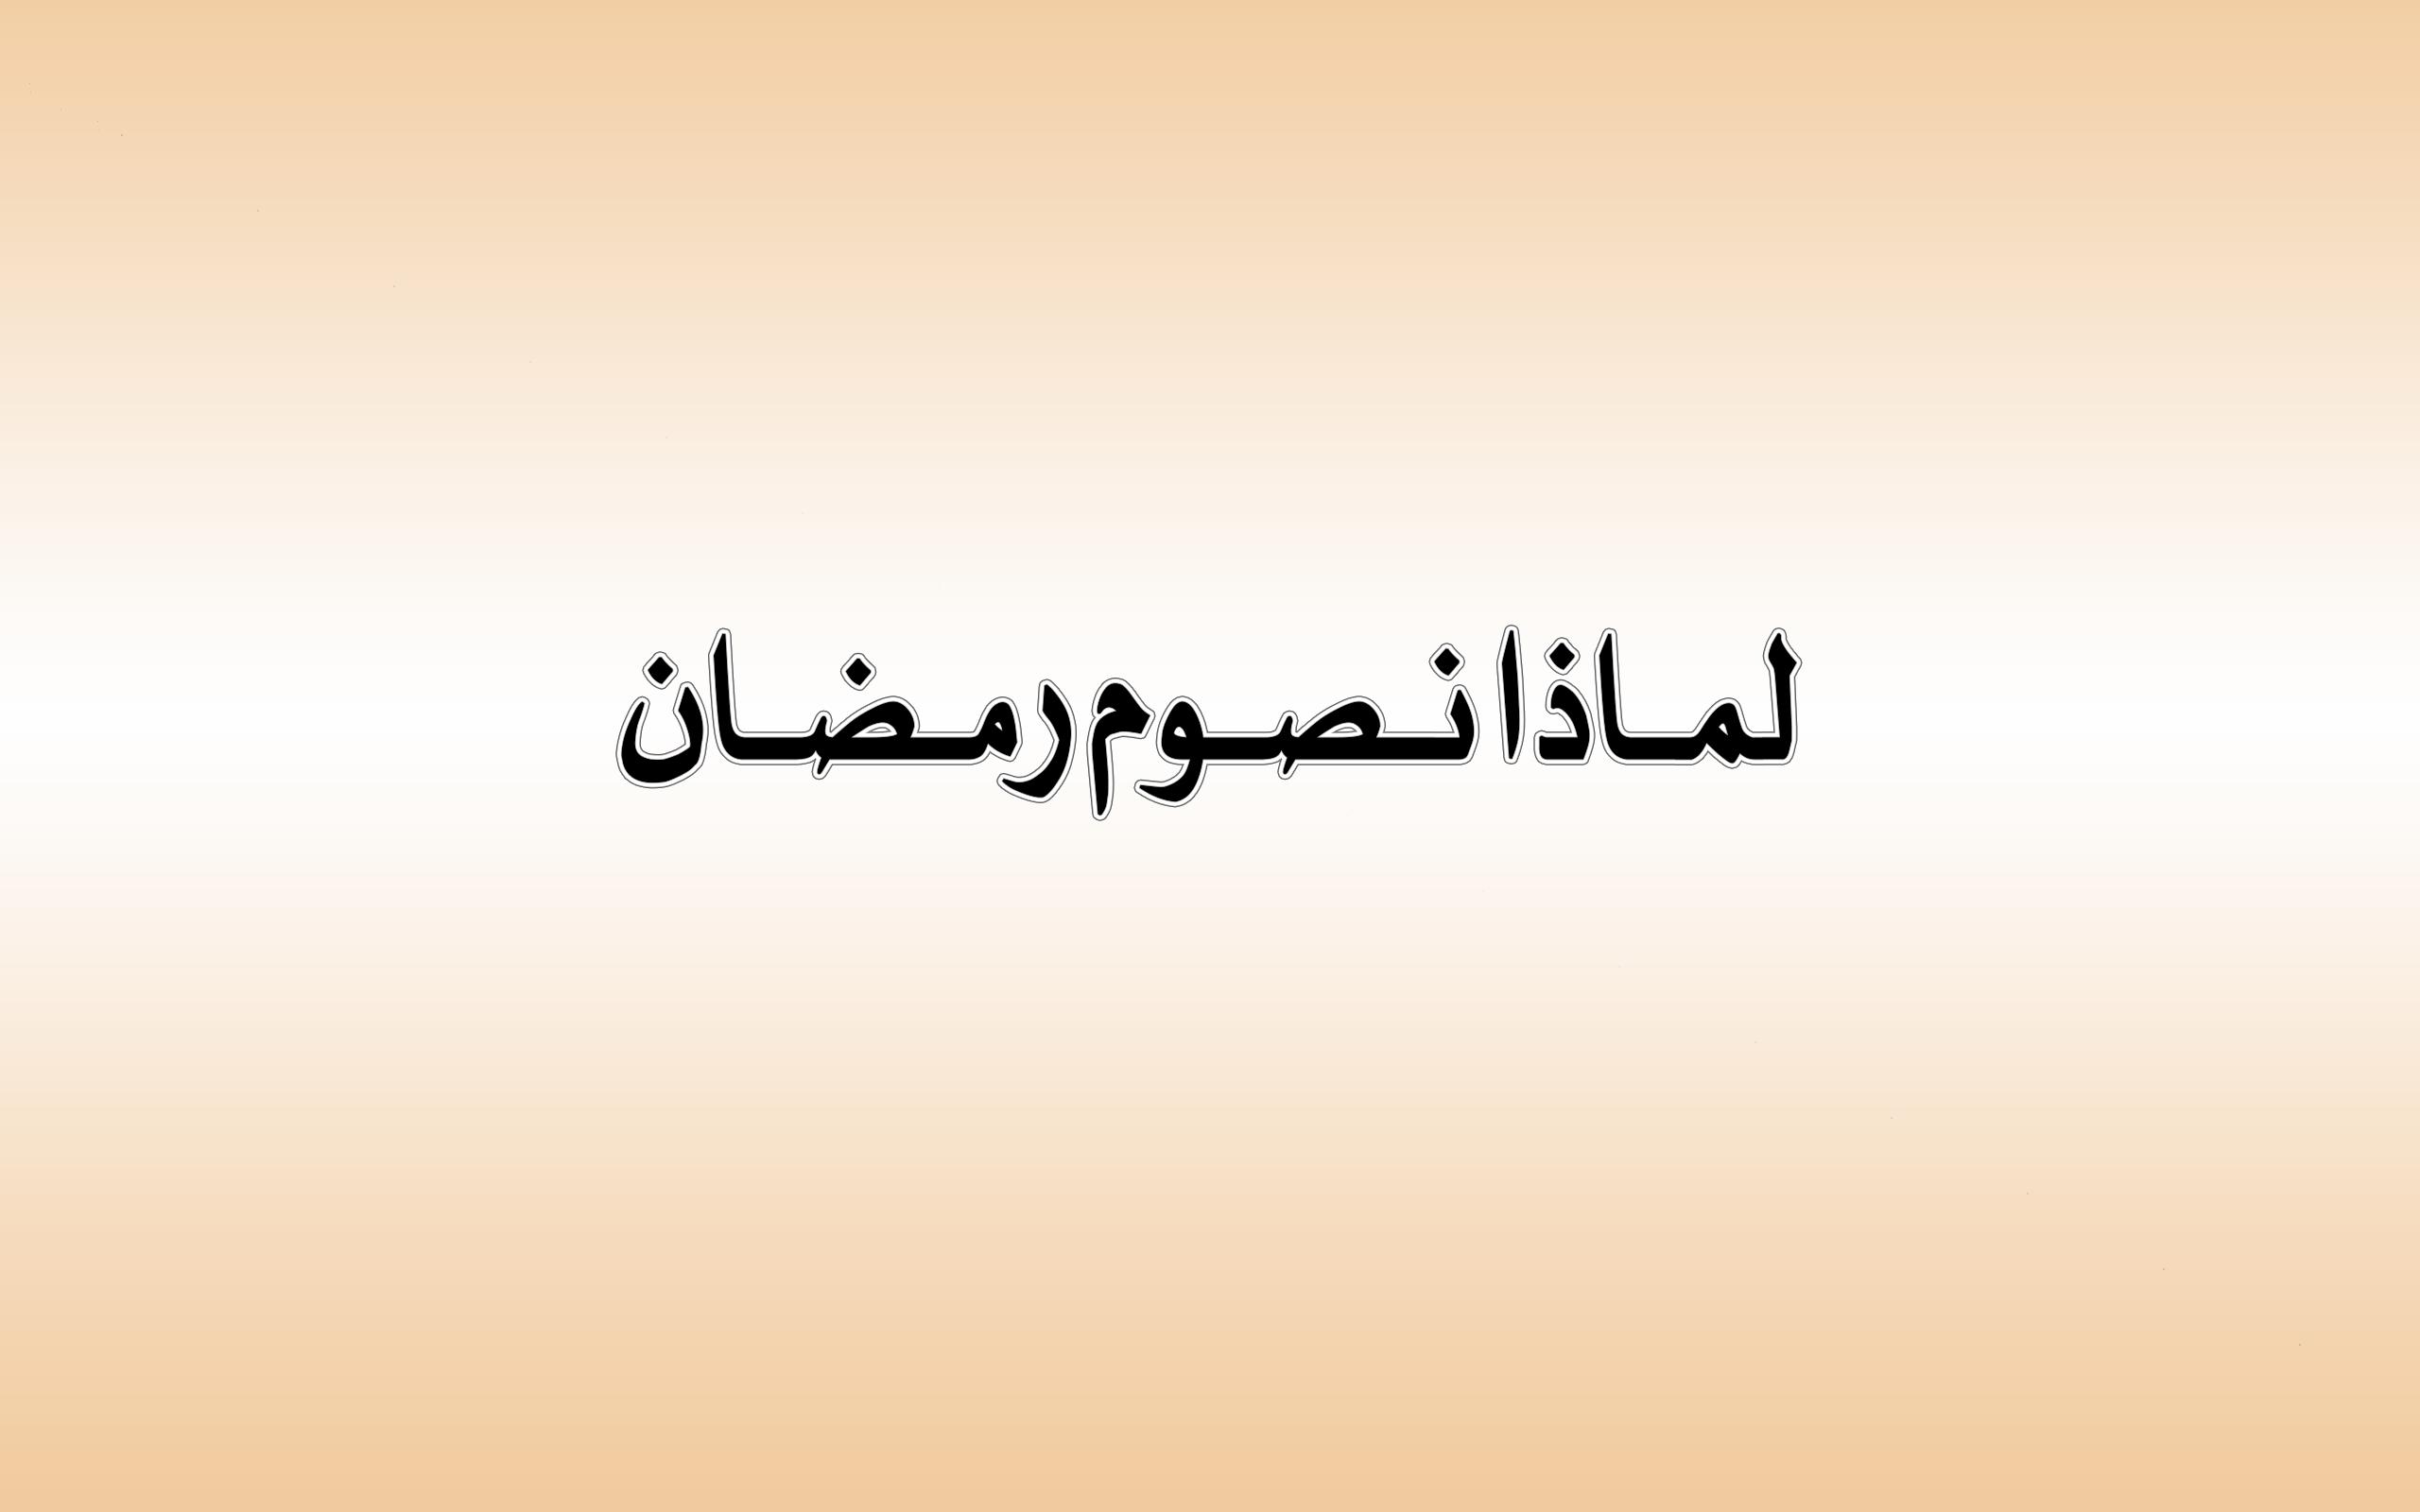 لماذا يصوم المسلمون شهر رمضان وما الهدف من فرض الصيام مجلة رجيم